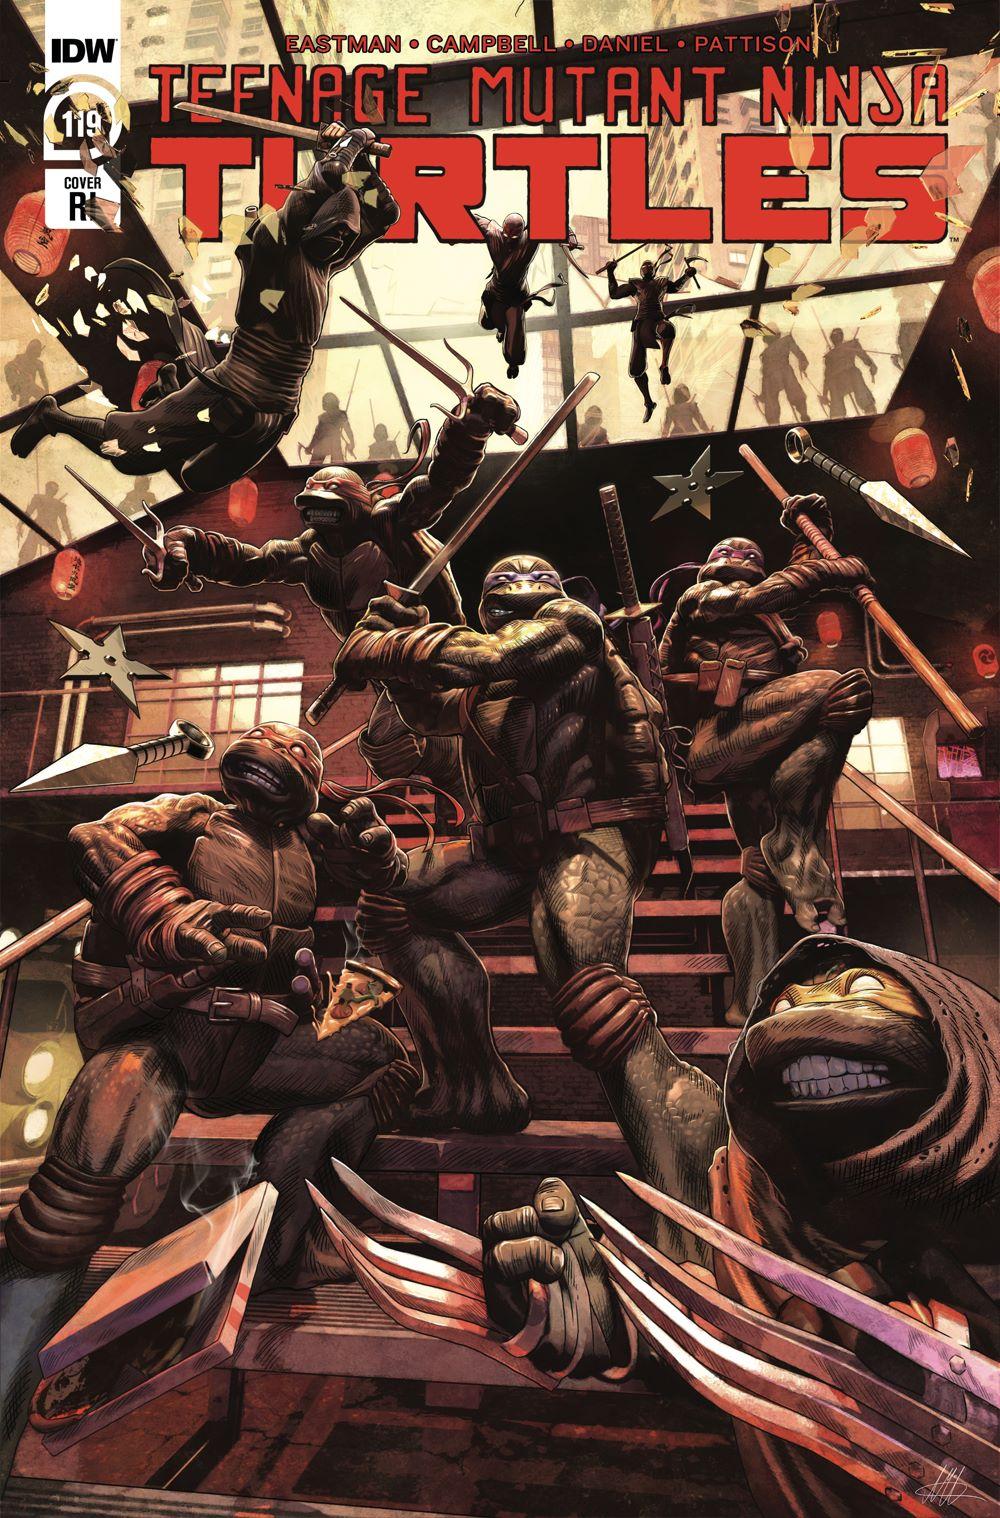 TMNT119_cvrRI ComicList Previews: TEENAGE MUTANT NINJA TURTLES #119